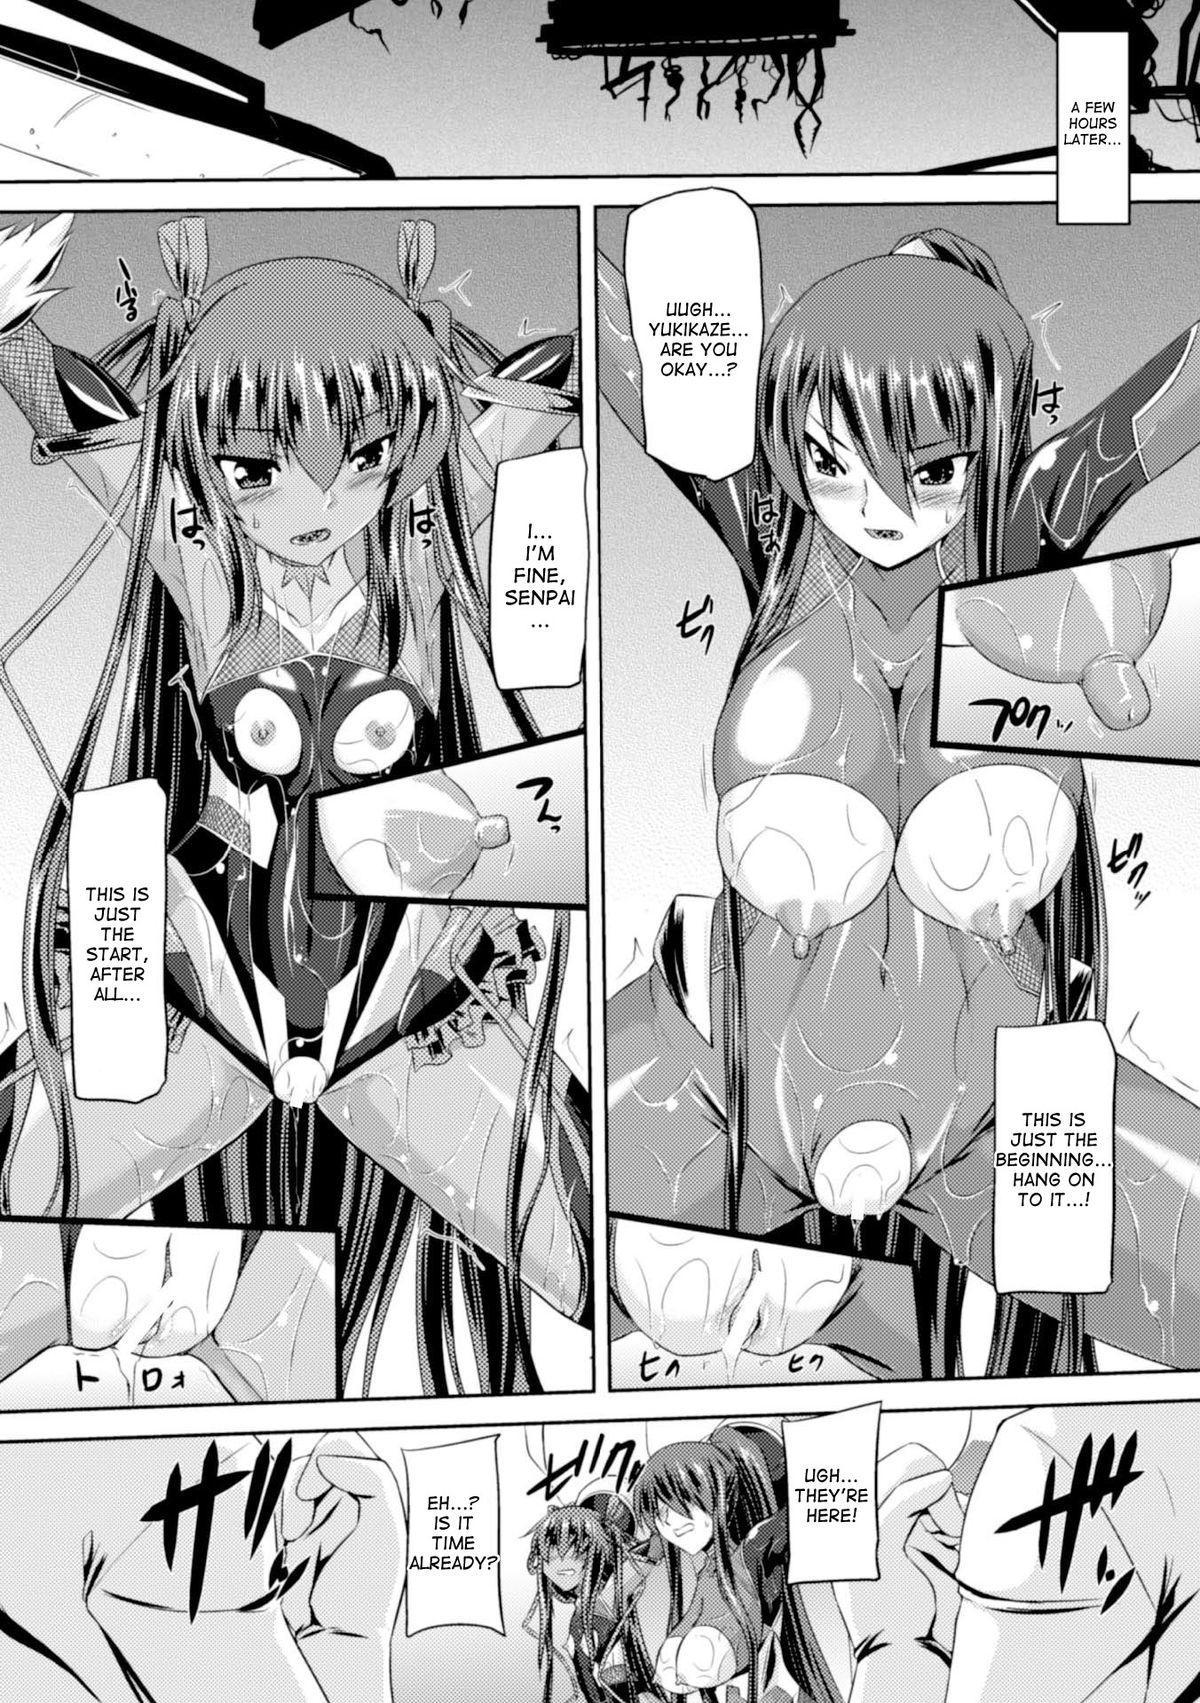 [Gonzaburo-] Taimanin Yukikaze - Taimanin wa Ingoku ni Shizumu #1-6 | Taimanin Yukikaze - Taimanin's fall into the lewd hell #1-5 [English] [desudesu] [Digital] 23